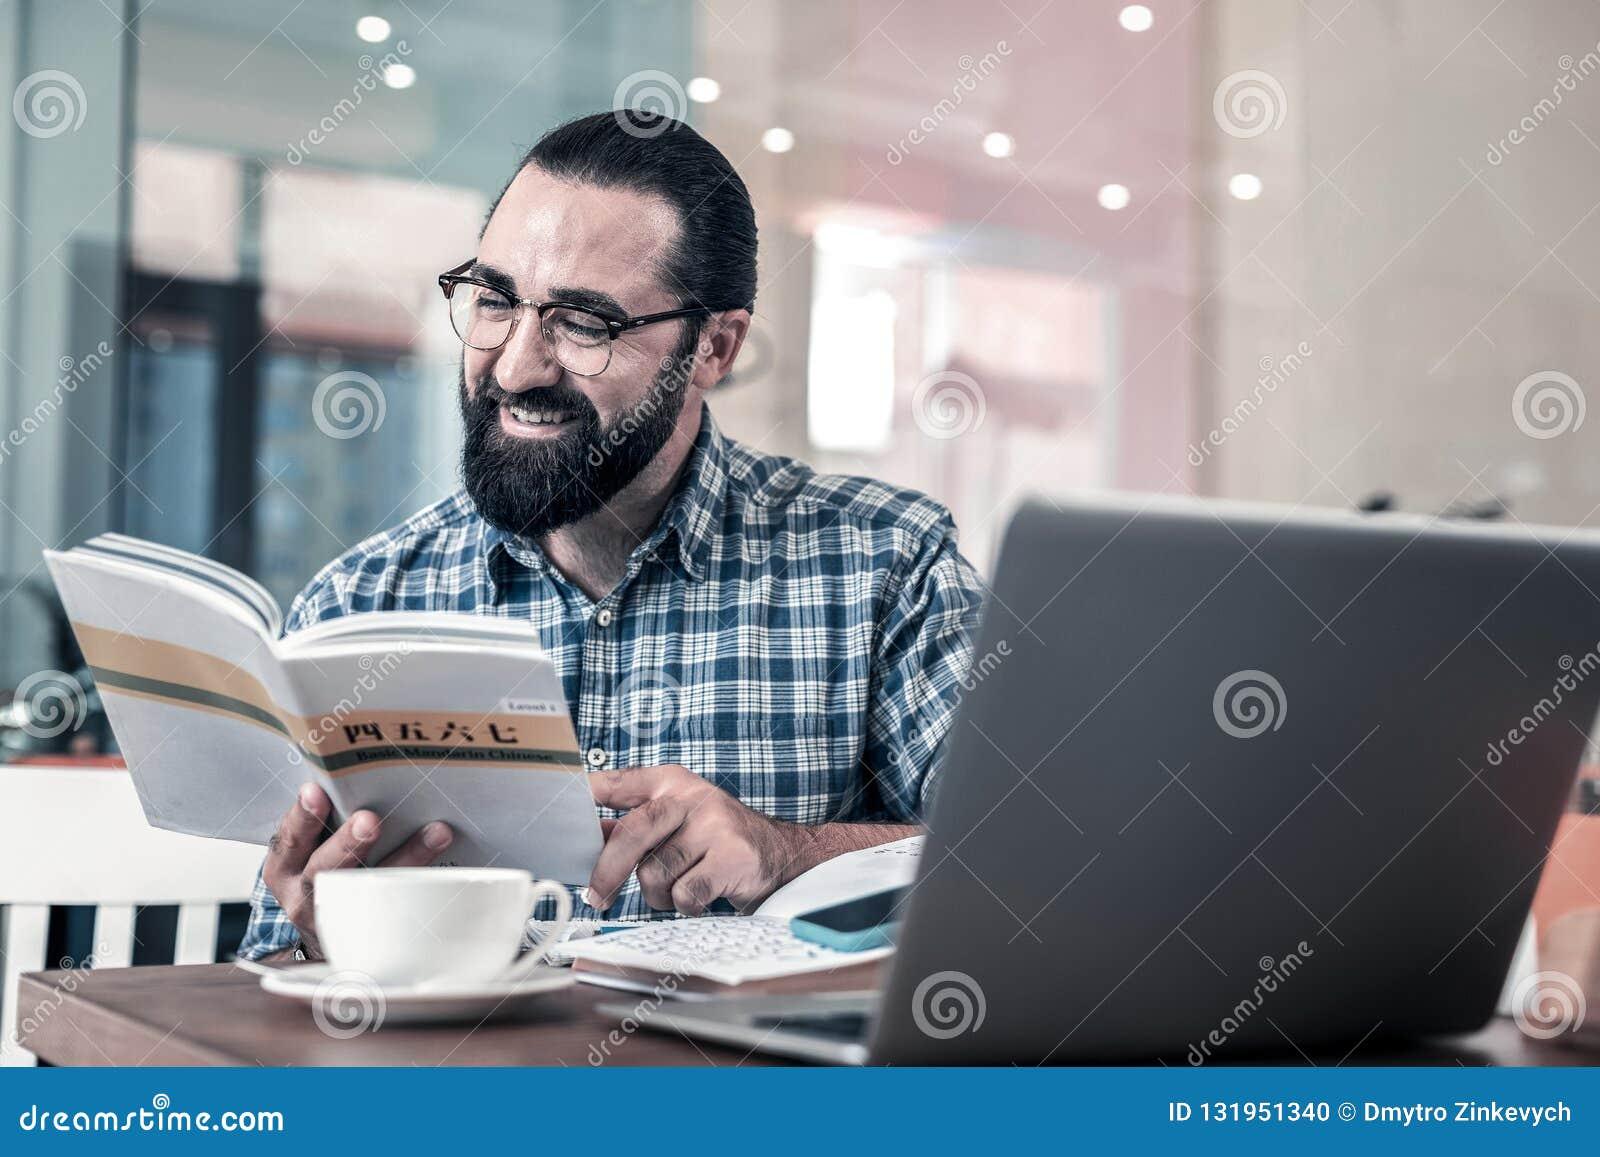 Preparación ocupada de la sensación china oscuro-cabelluda barbuda del profesor particular para la clase